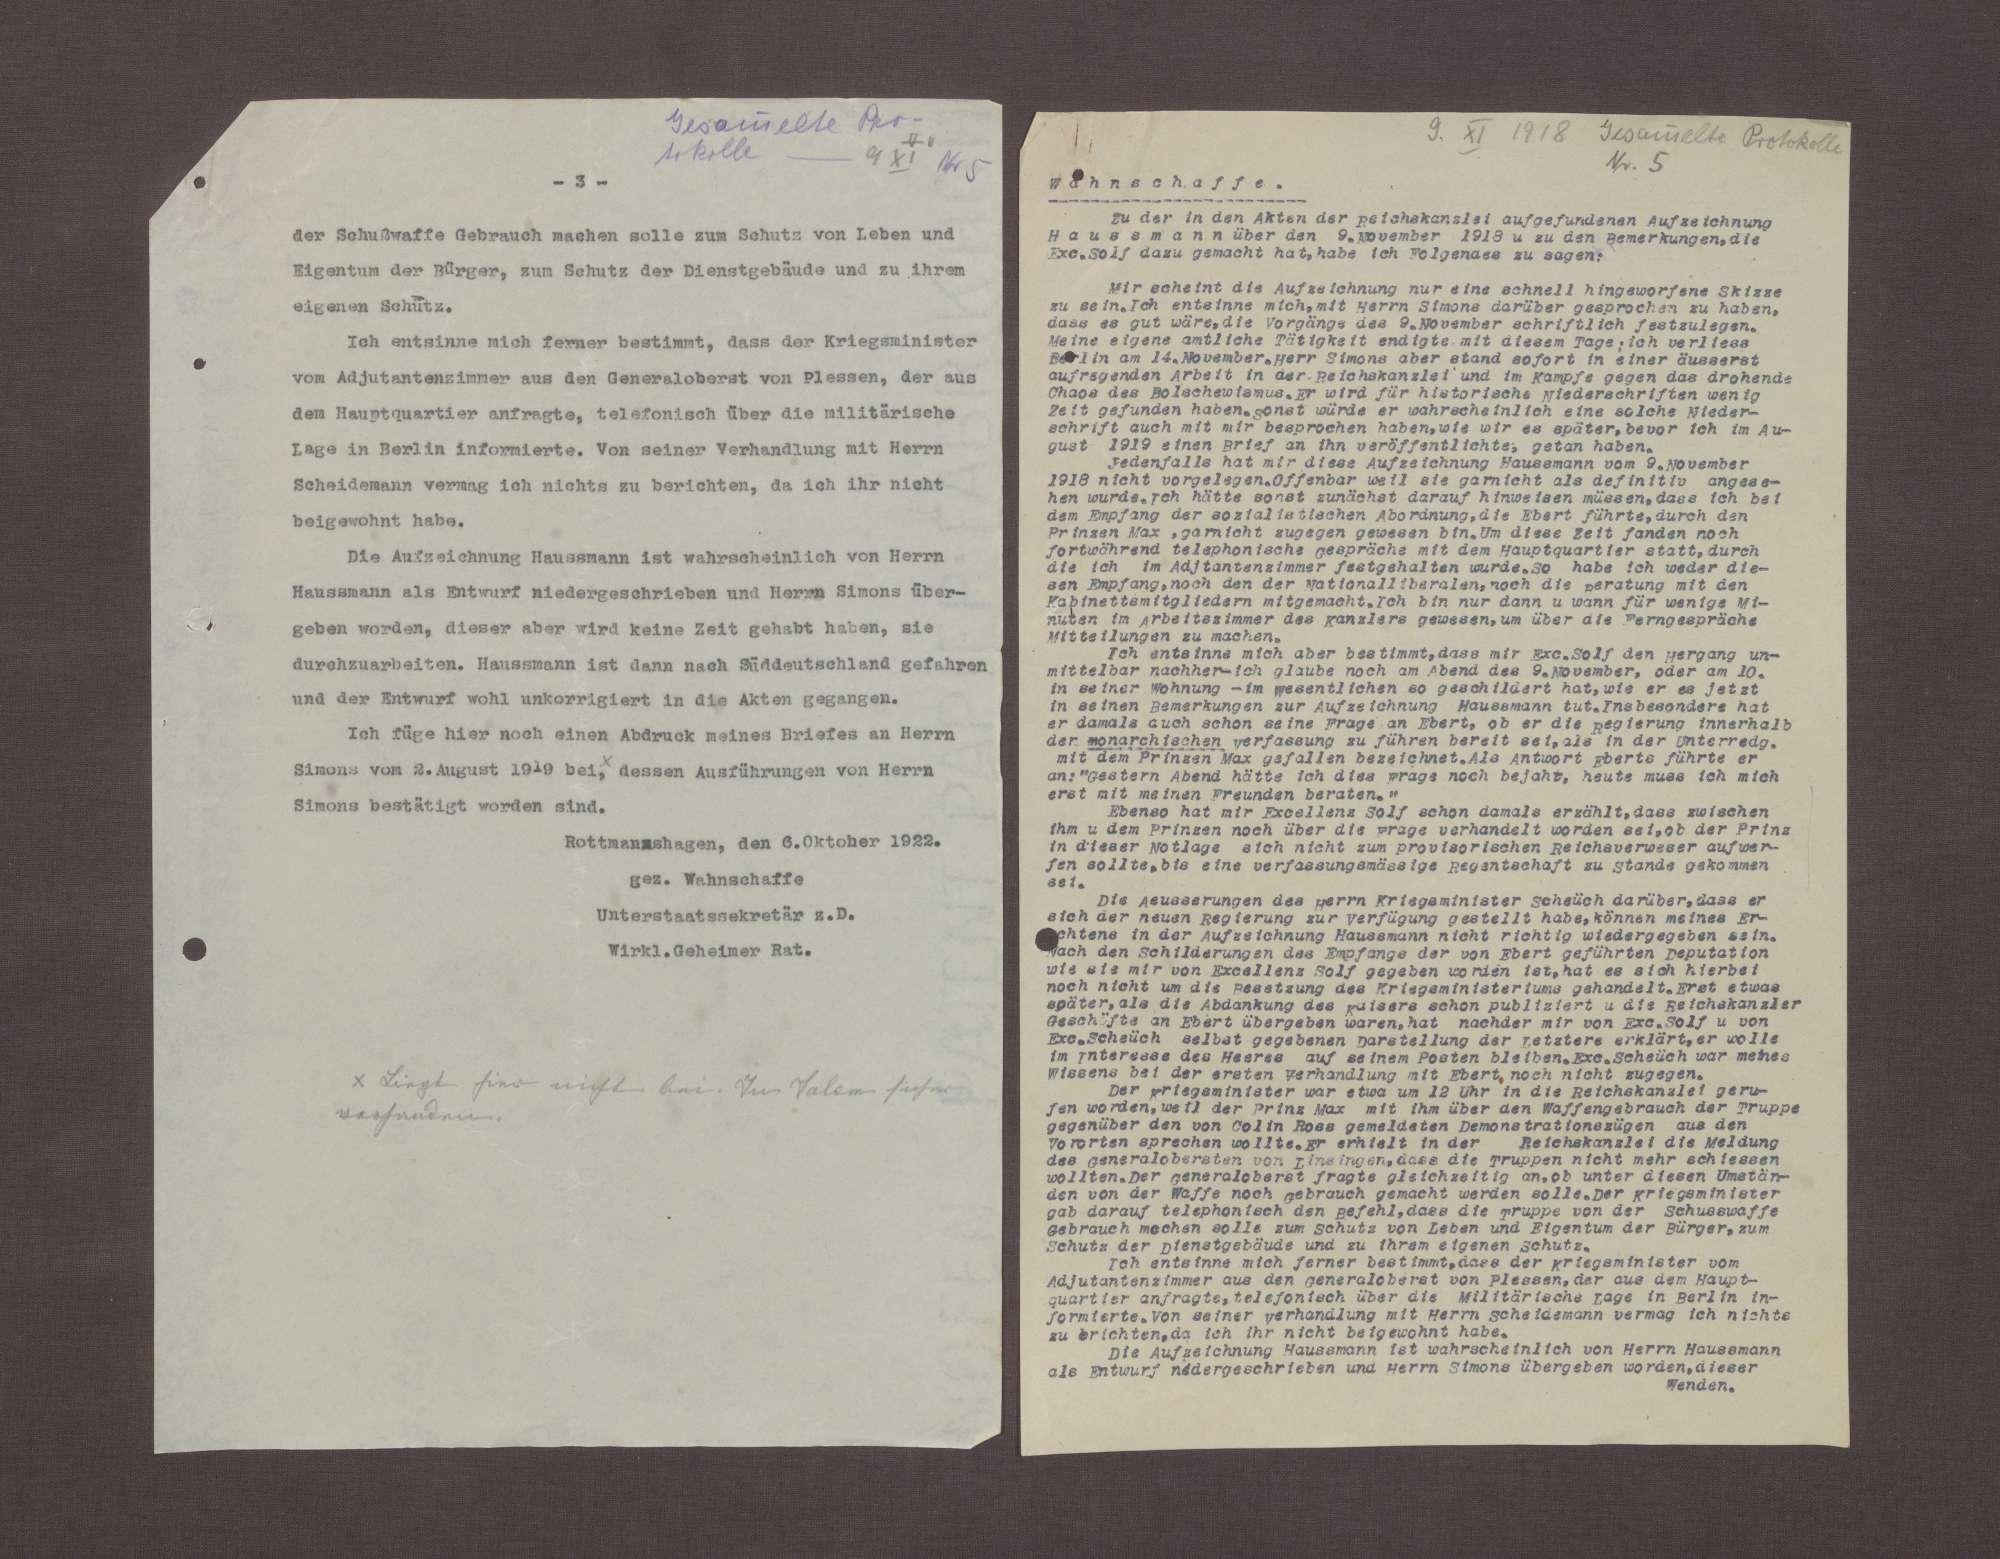 Schreiben von Arnold Wahnschaffe an Prinz Max von Baden bzgl. der Übergabe der Aufzeichnungen Haußmanns über die Ereignisse am 09.11.1918, Bild 2